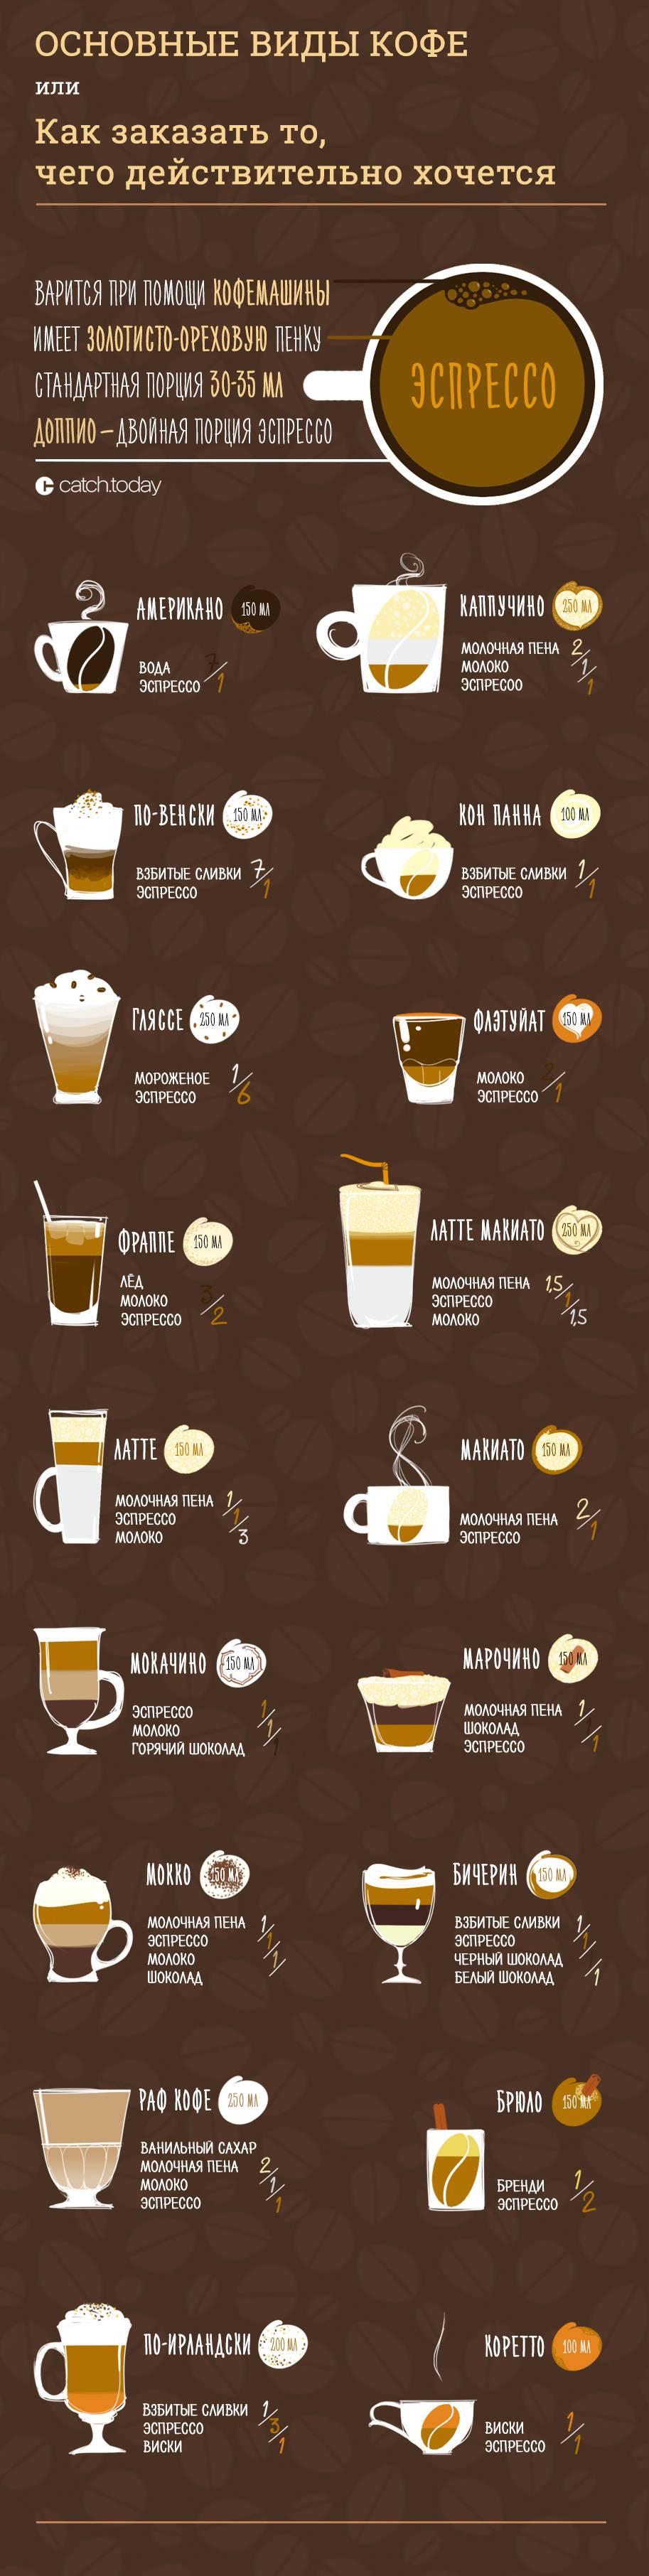 Характеристика коста-риканского кофе